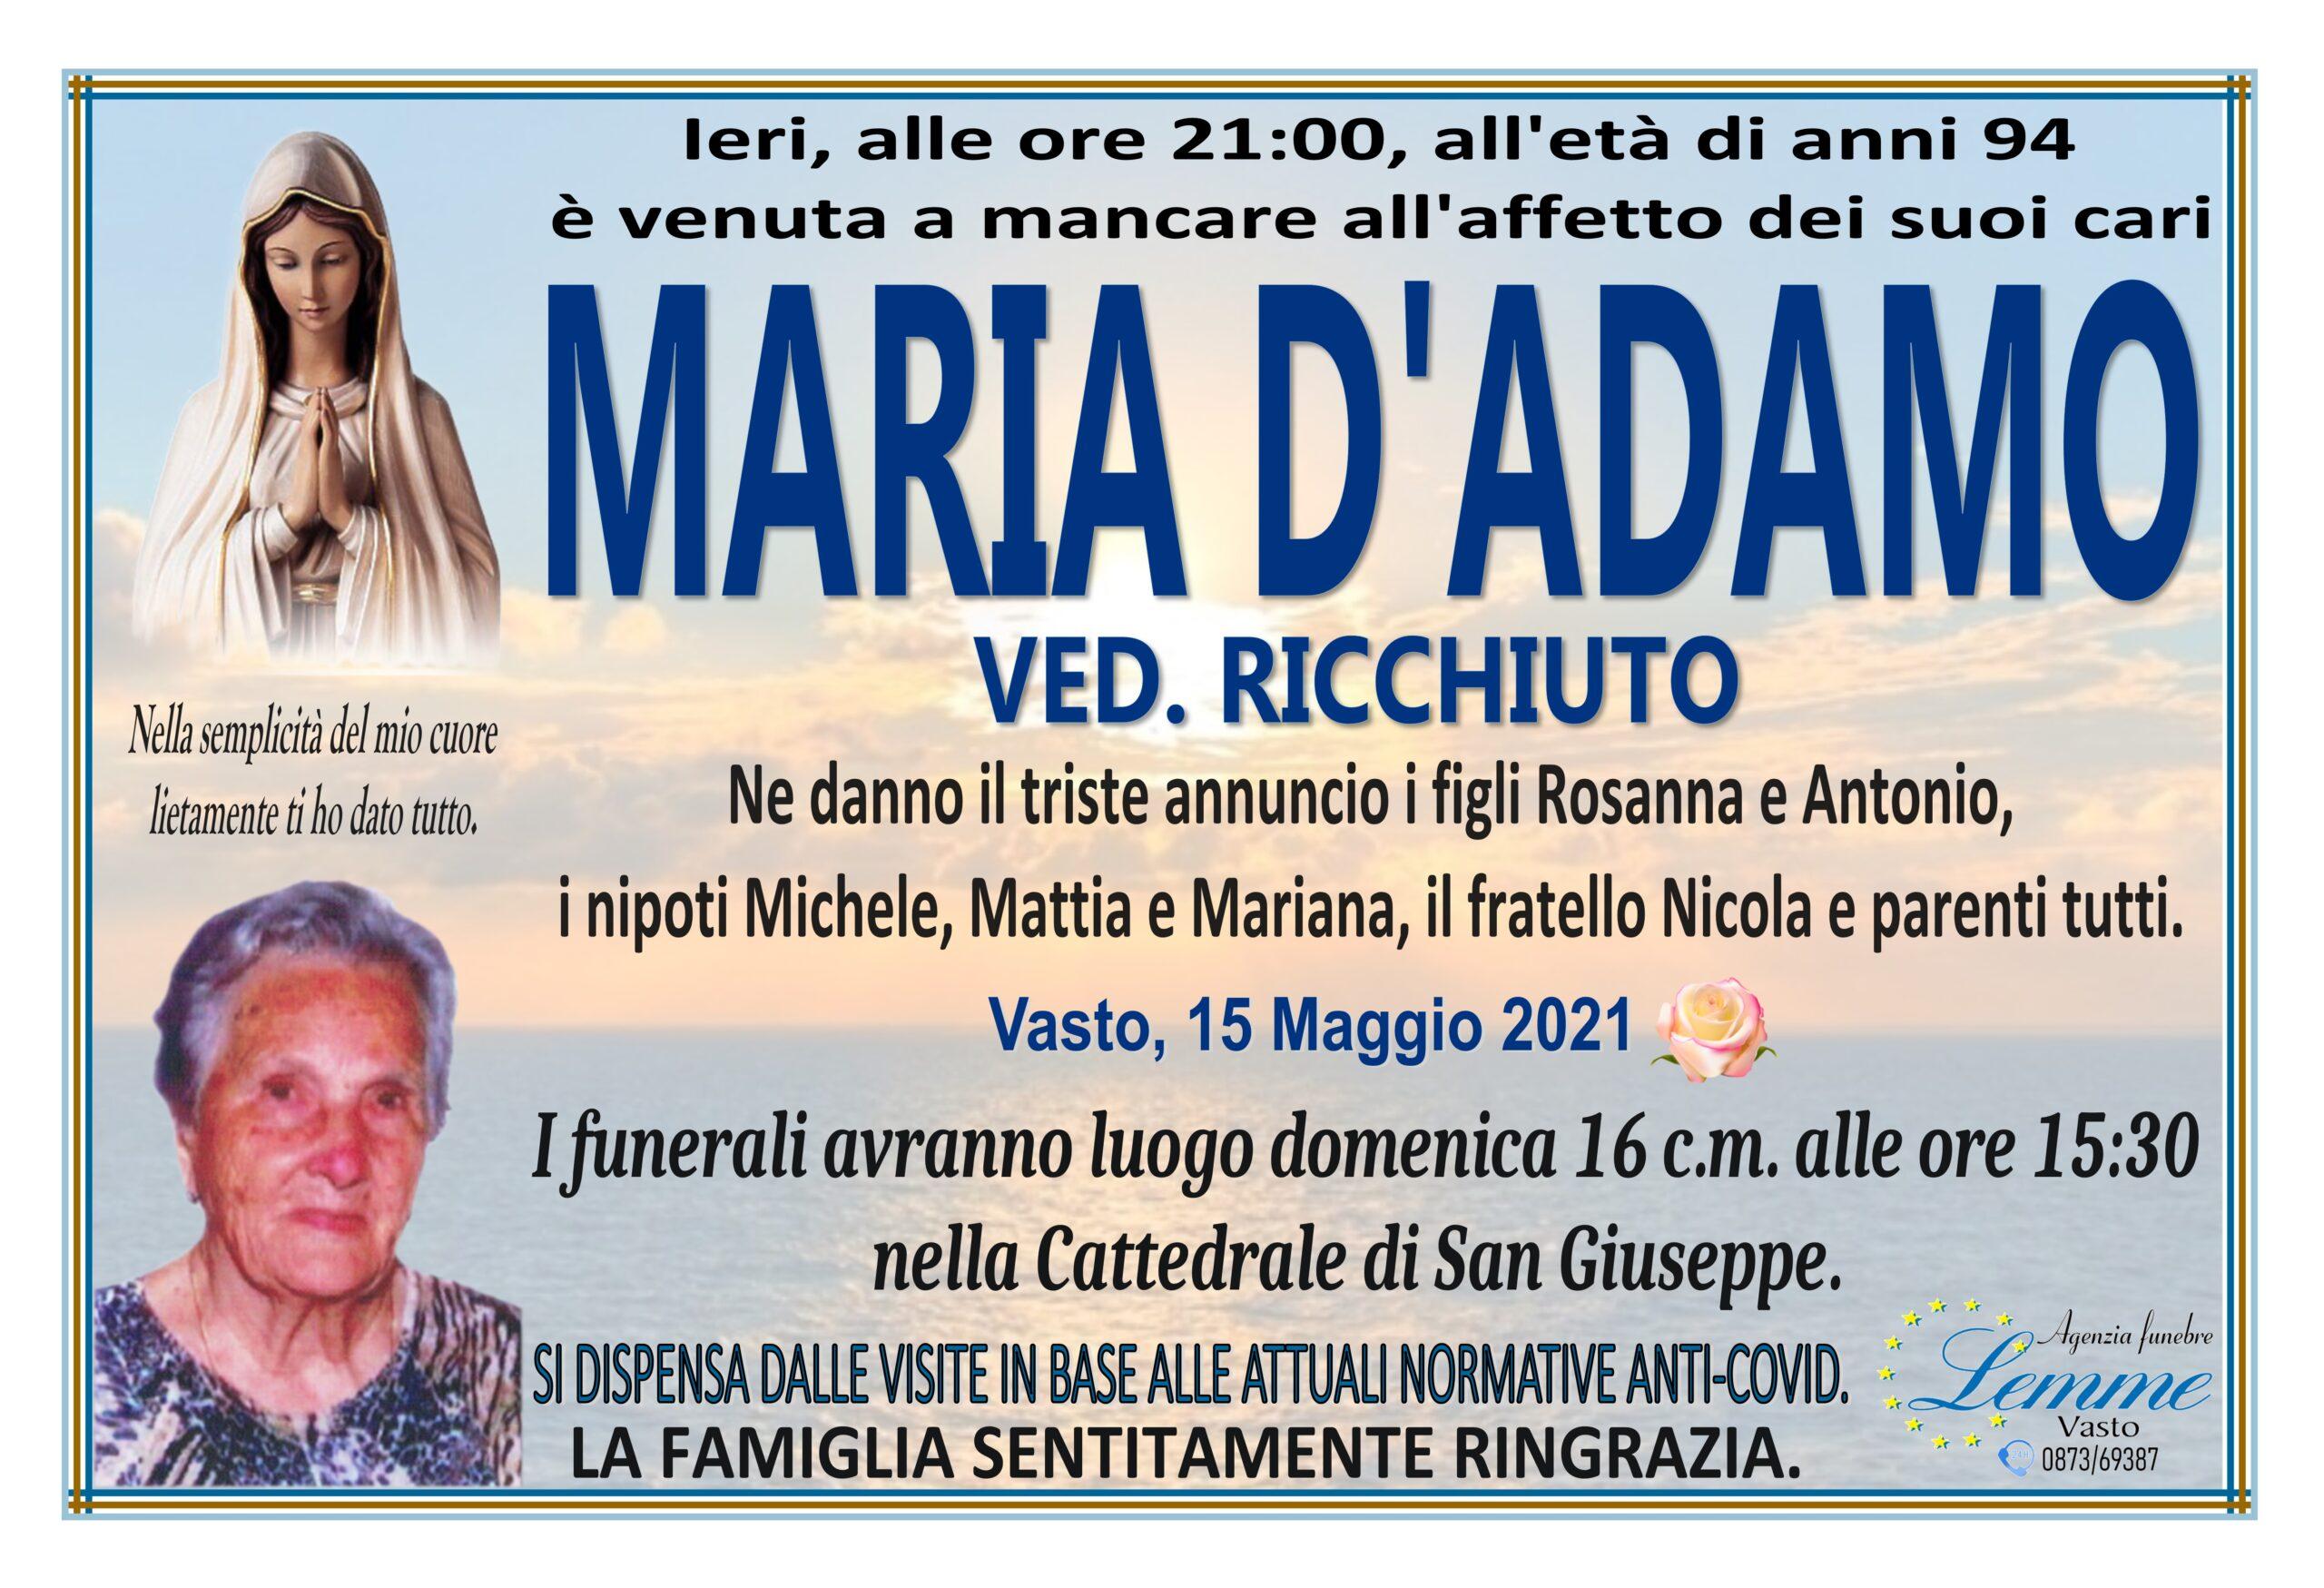 MARIA D'ADAMO